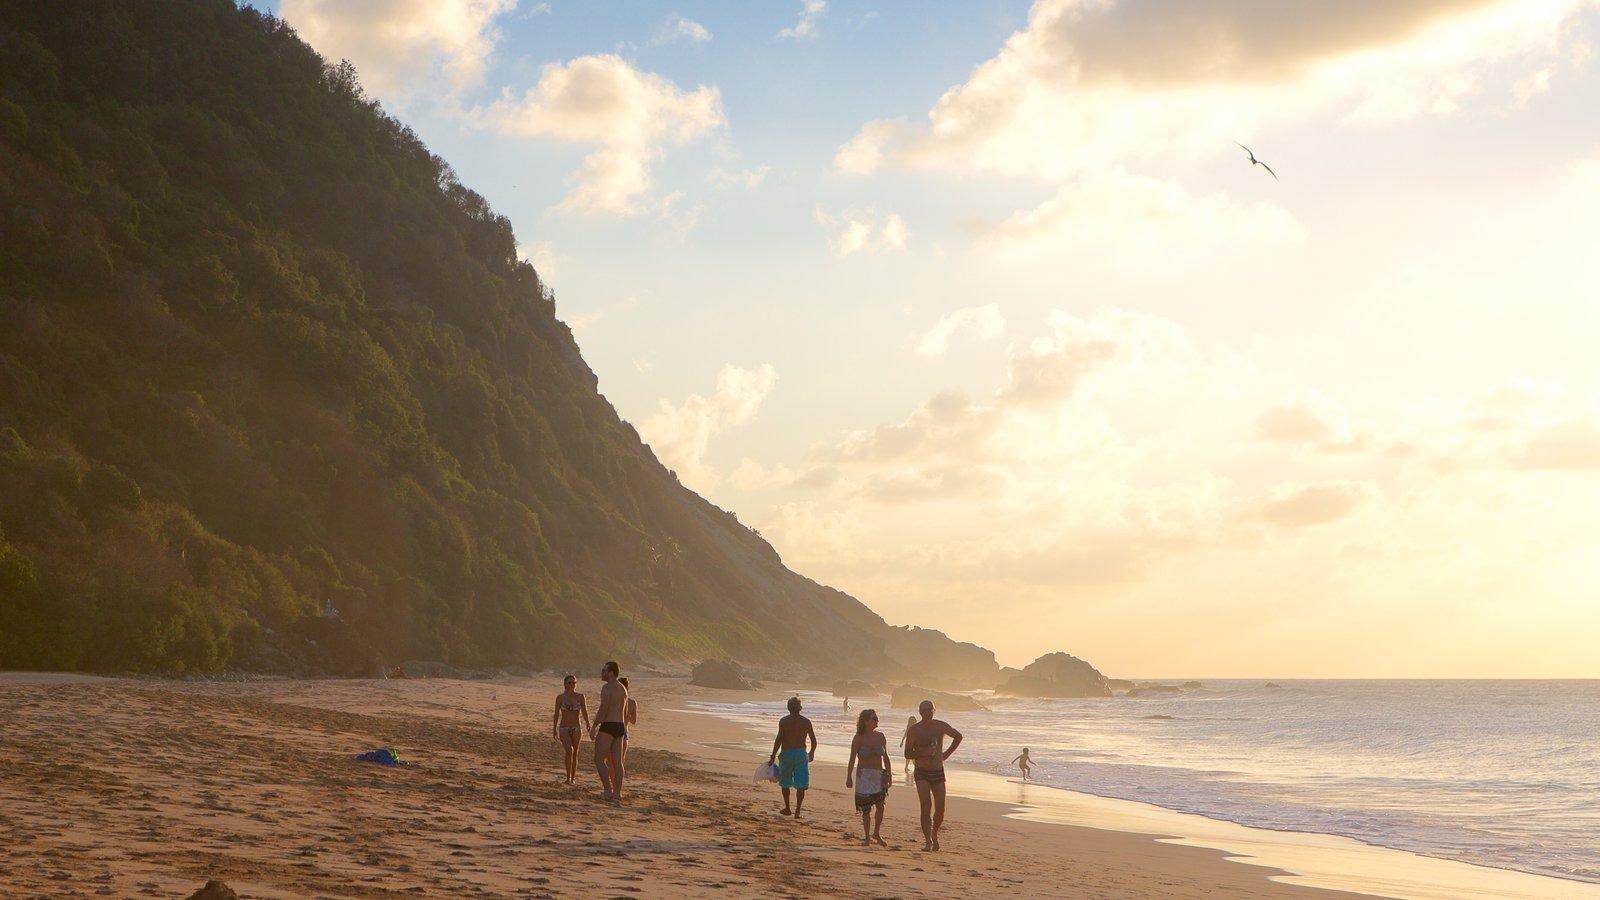 Praia da Conceição que inclui uma praia, paisagens litorâneas e um pôr do sol